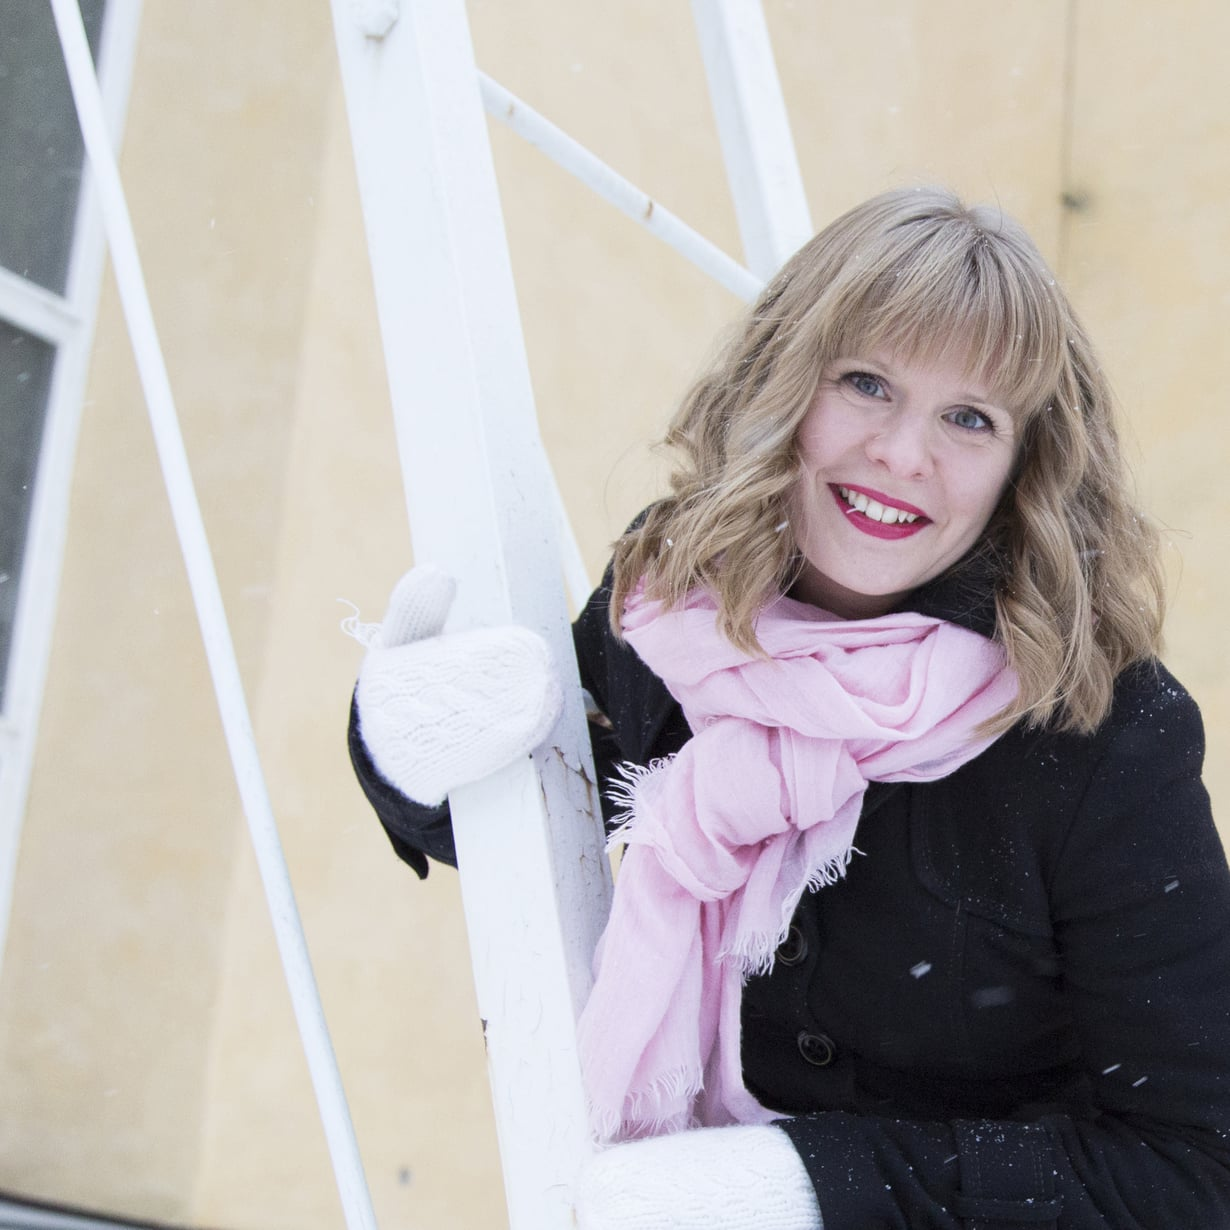 Puhukaa, on parisuhdevalmentaja Paula Immon ykkösneuvo vauvavuotta eläville vanhemmille. Kuva: Janica Karasti